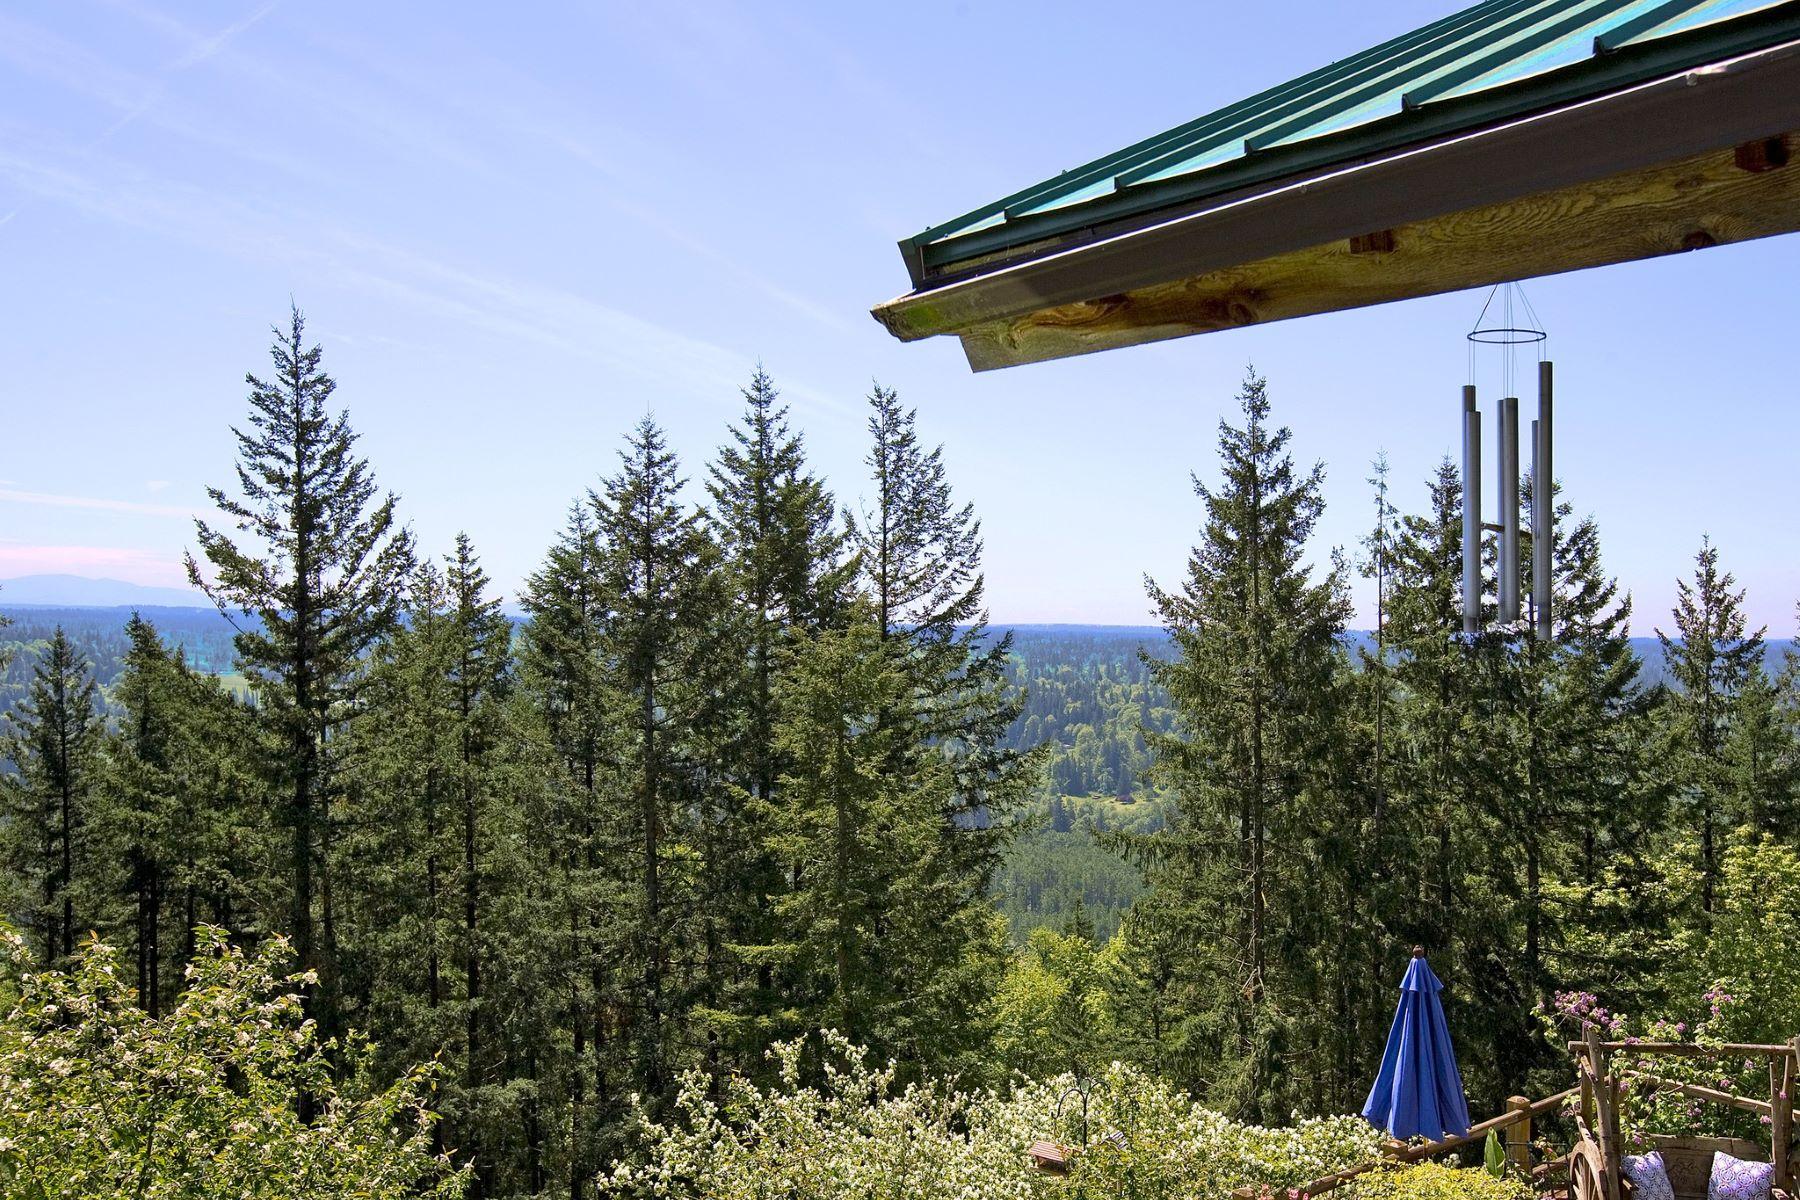 Maison unifamiliale pour l Vente à One of a Kind Mountain Retreat 14430 176th Place SE Snohomish, Washington 98290 États-Unis